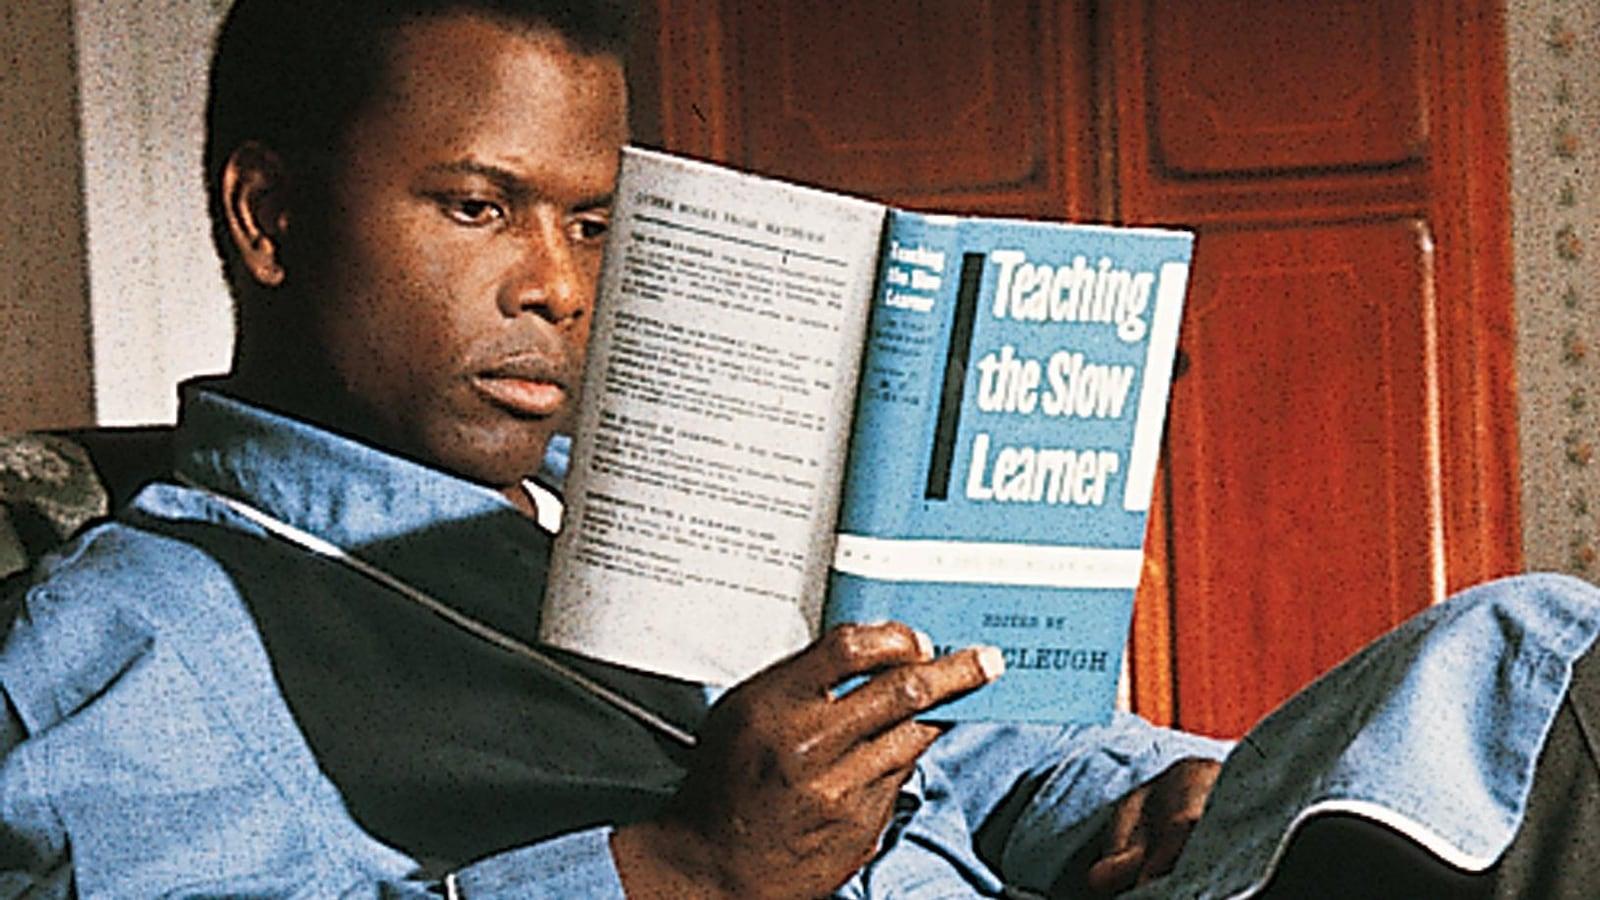 Un homme assis lit un livre.